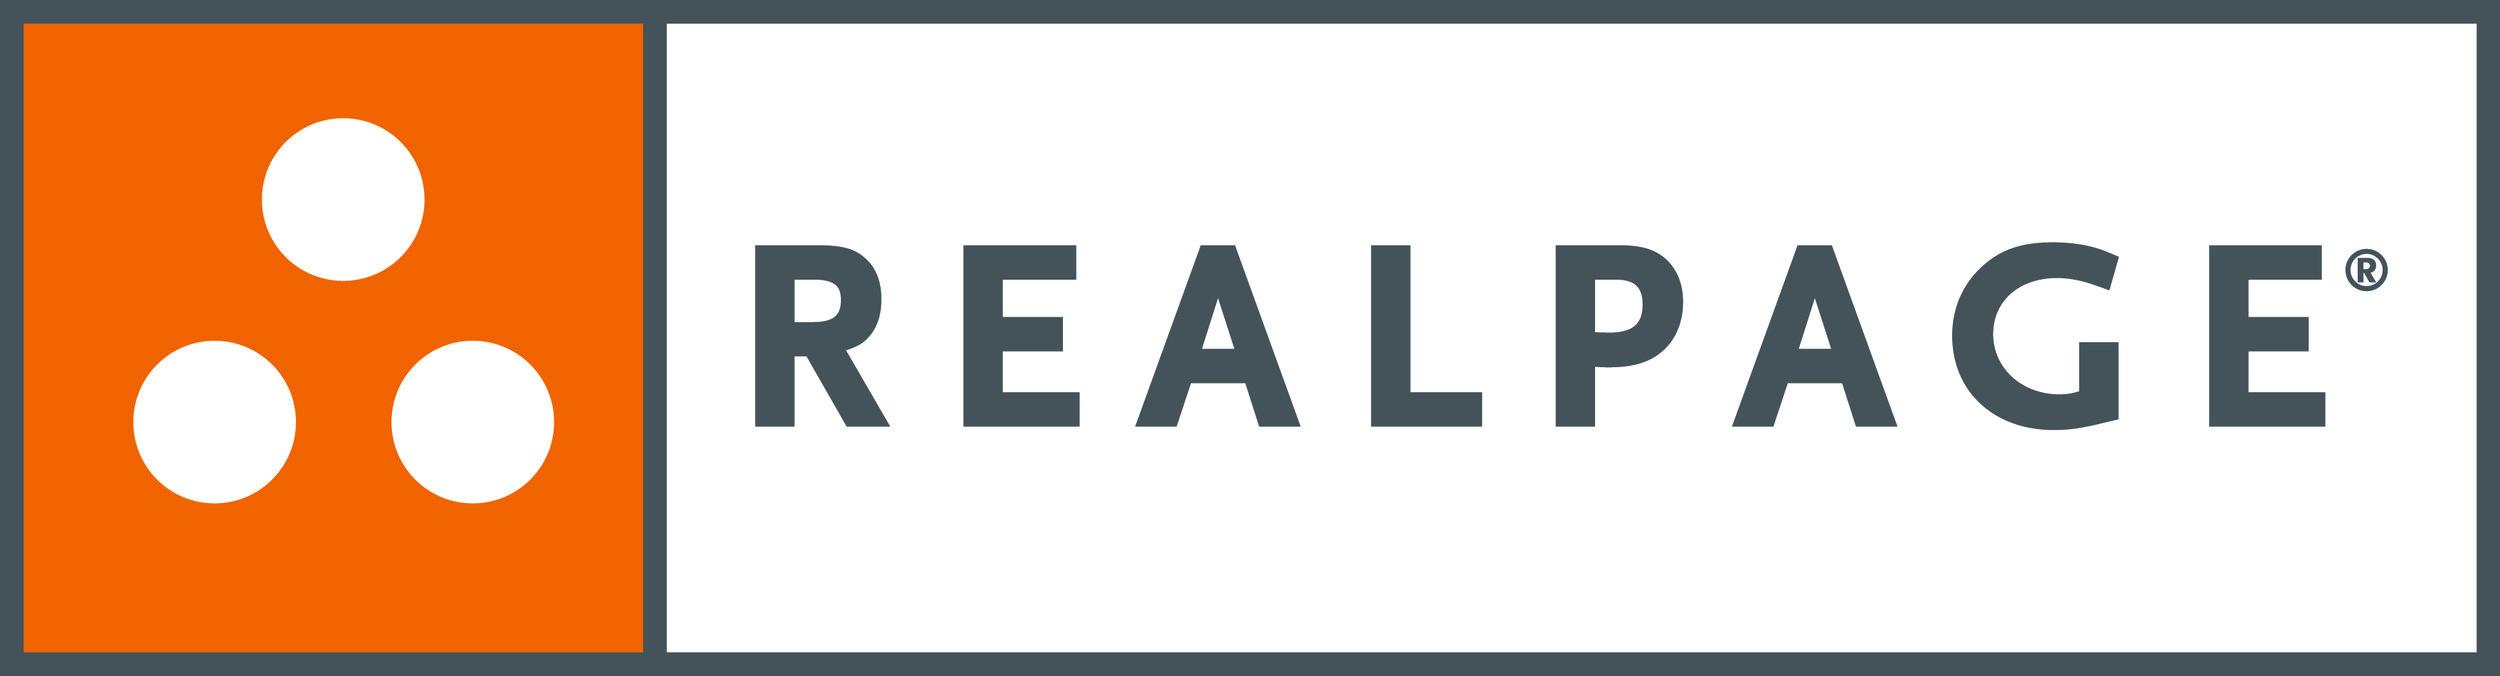 RealPageLogo-TS-Heavy.jpg